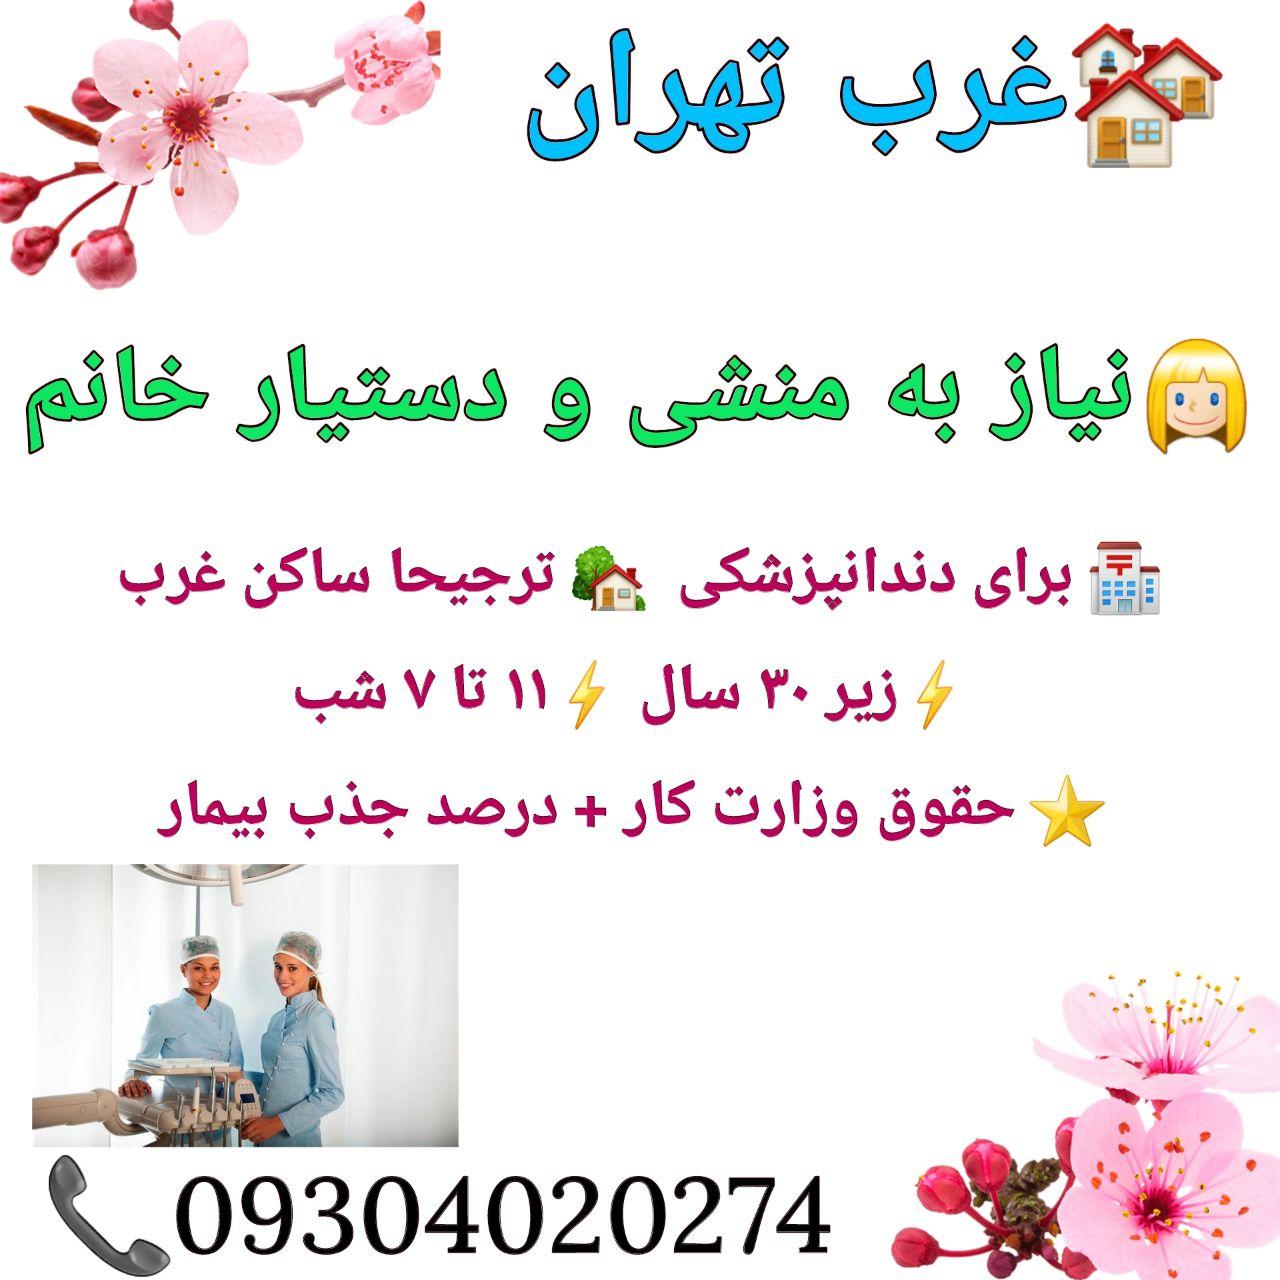 غرب تهران: نیاز به منشی و دستیار خانم